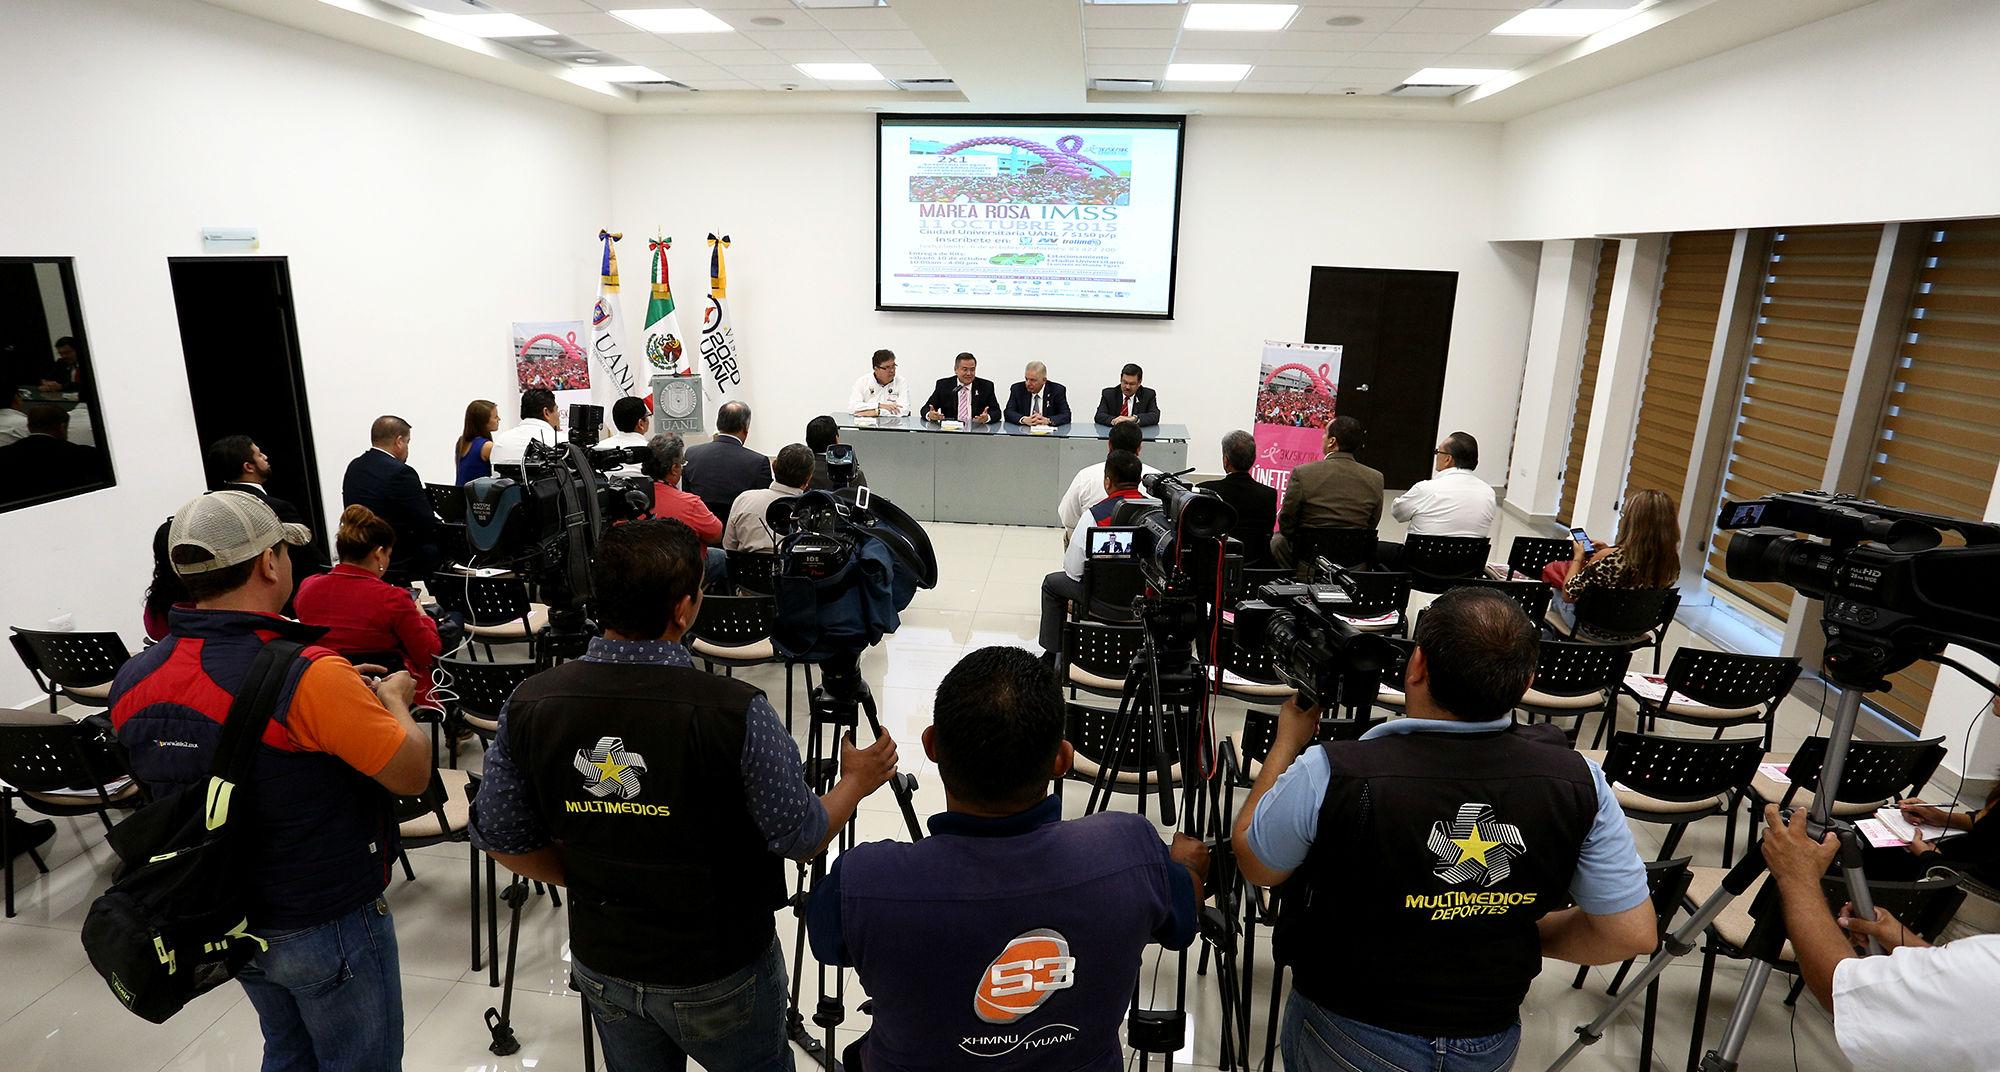 La rueda de prensa fue presidida por el delegado del IMSS en Nuevo León, Francisco Javier Mata Rojas y el rector de la UANL